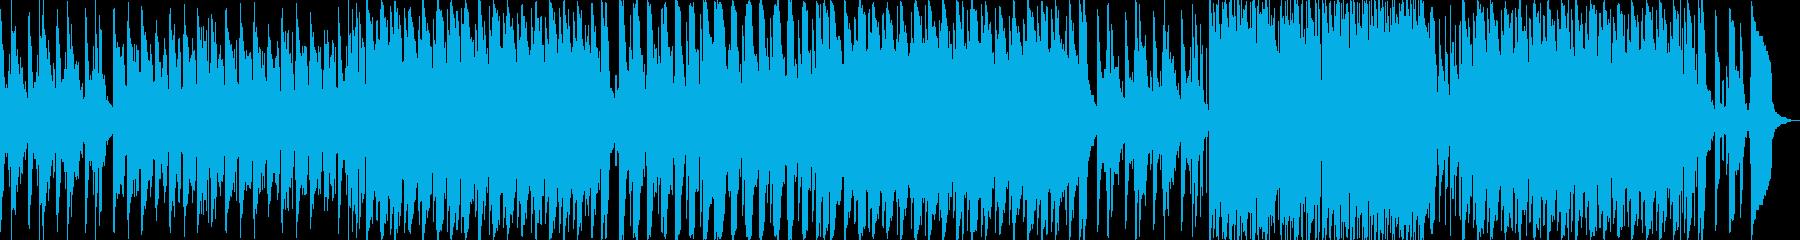 気分がうきうきするがリズムは抑えめの曲の再生済みの波形